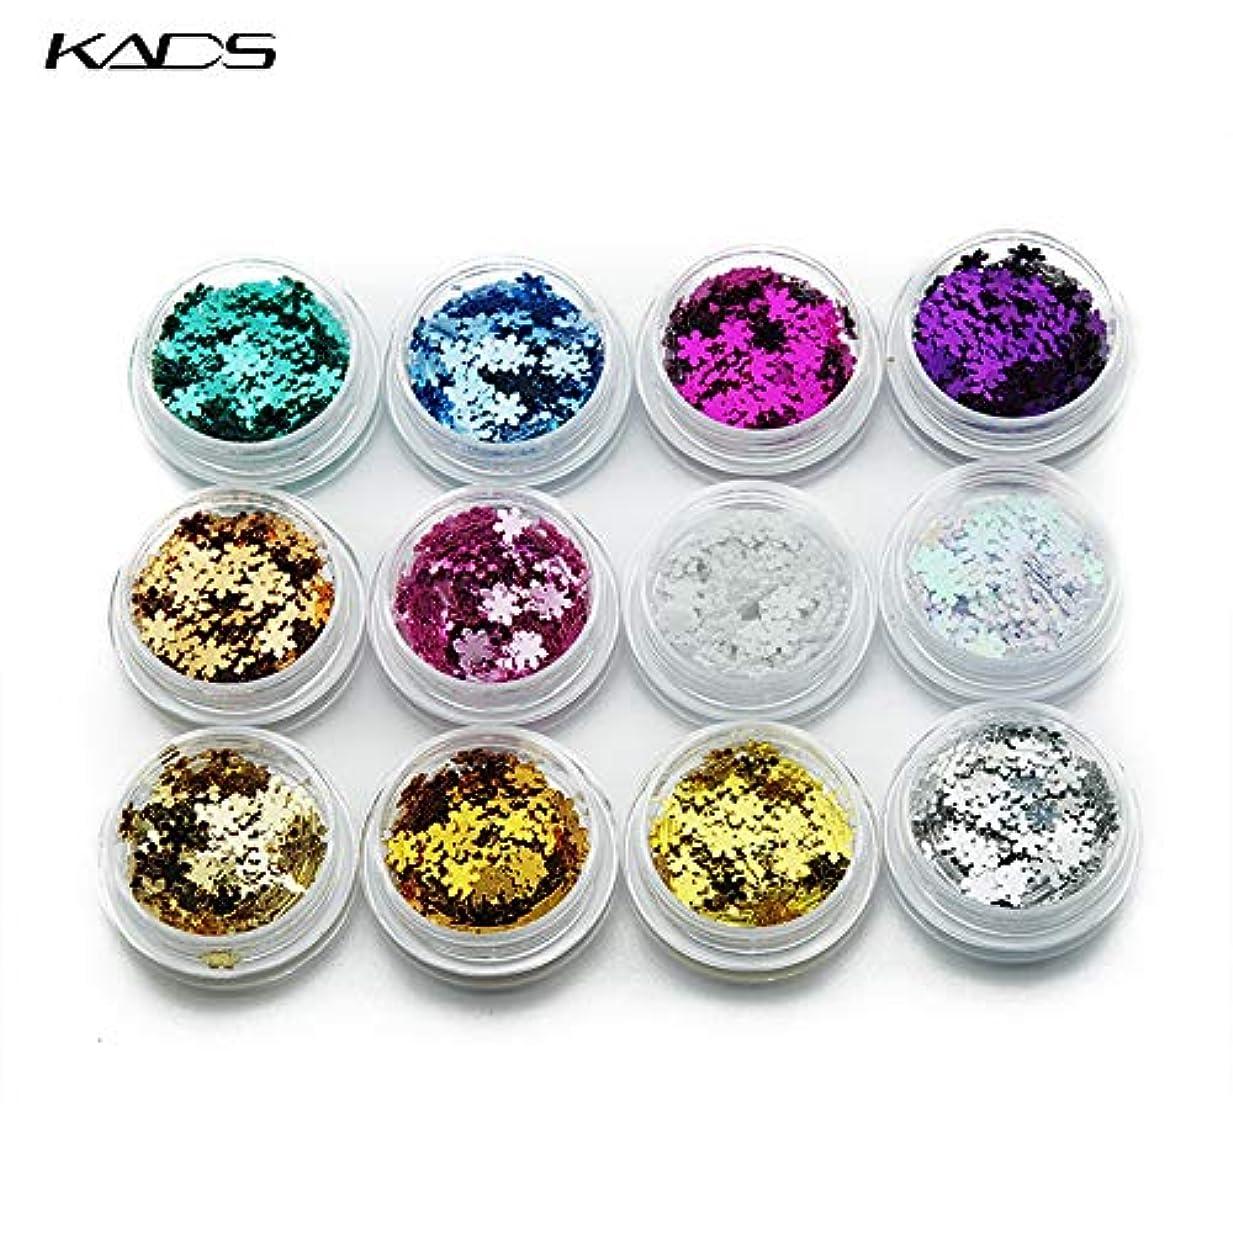 目の前の再集計お酢KADS クラッシュホログラム ネイルミニスパンコール ネイルアートホログラム ネイルカラフルオーナメント 12色セット(5)